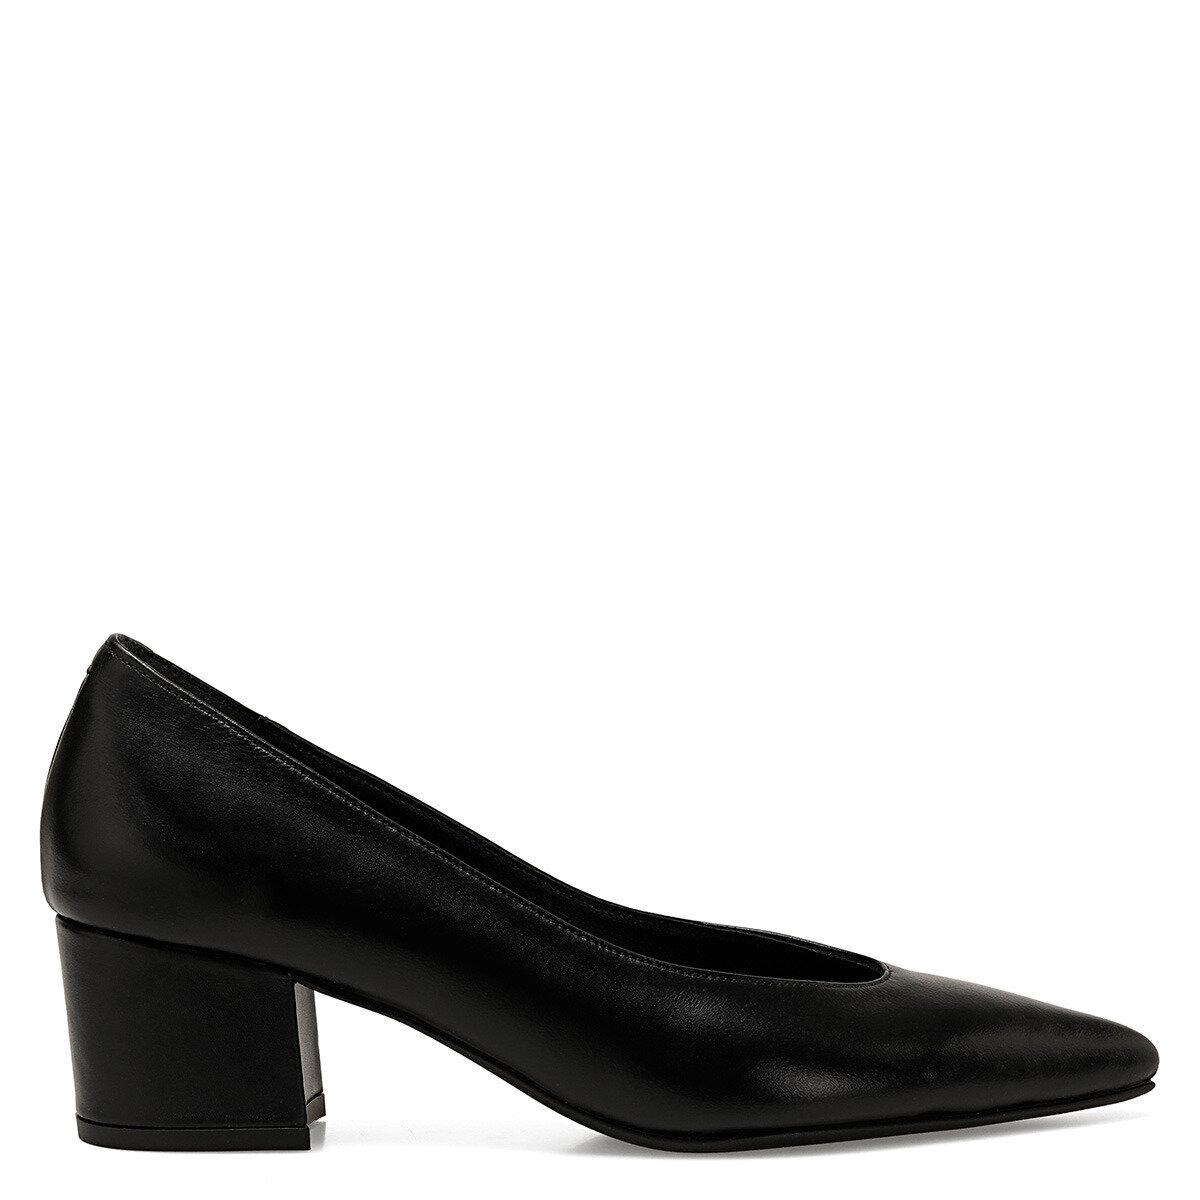 MARNA2 Siyah Kadın Gova Ayakkabı